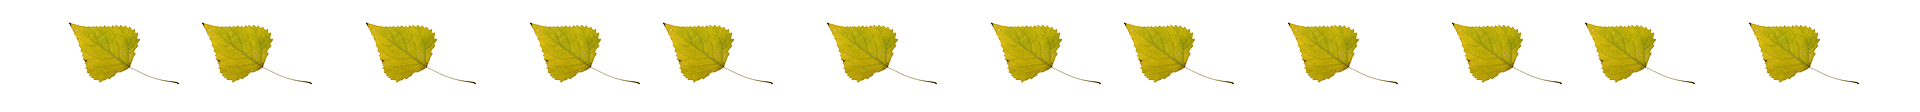 eastern cottonwood leaf